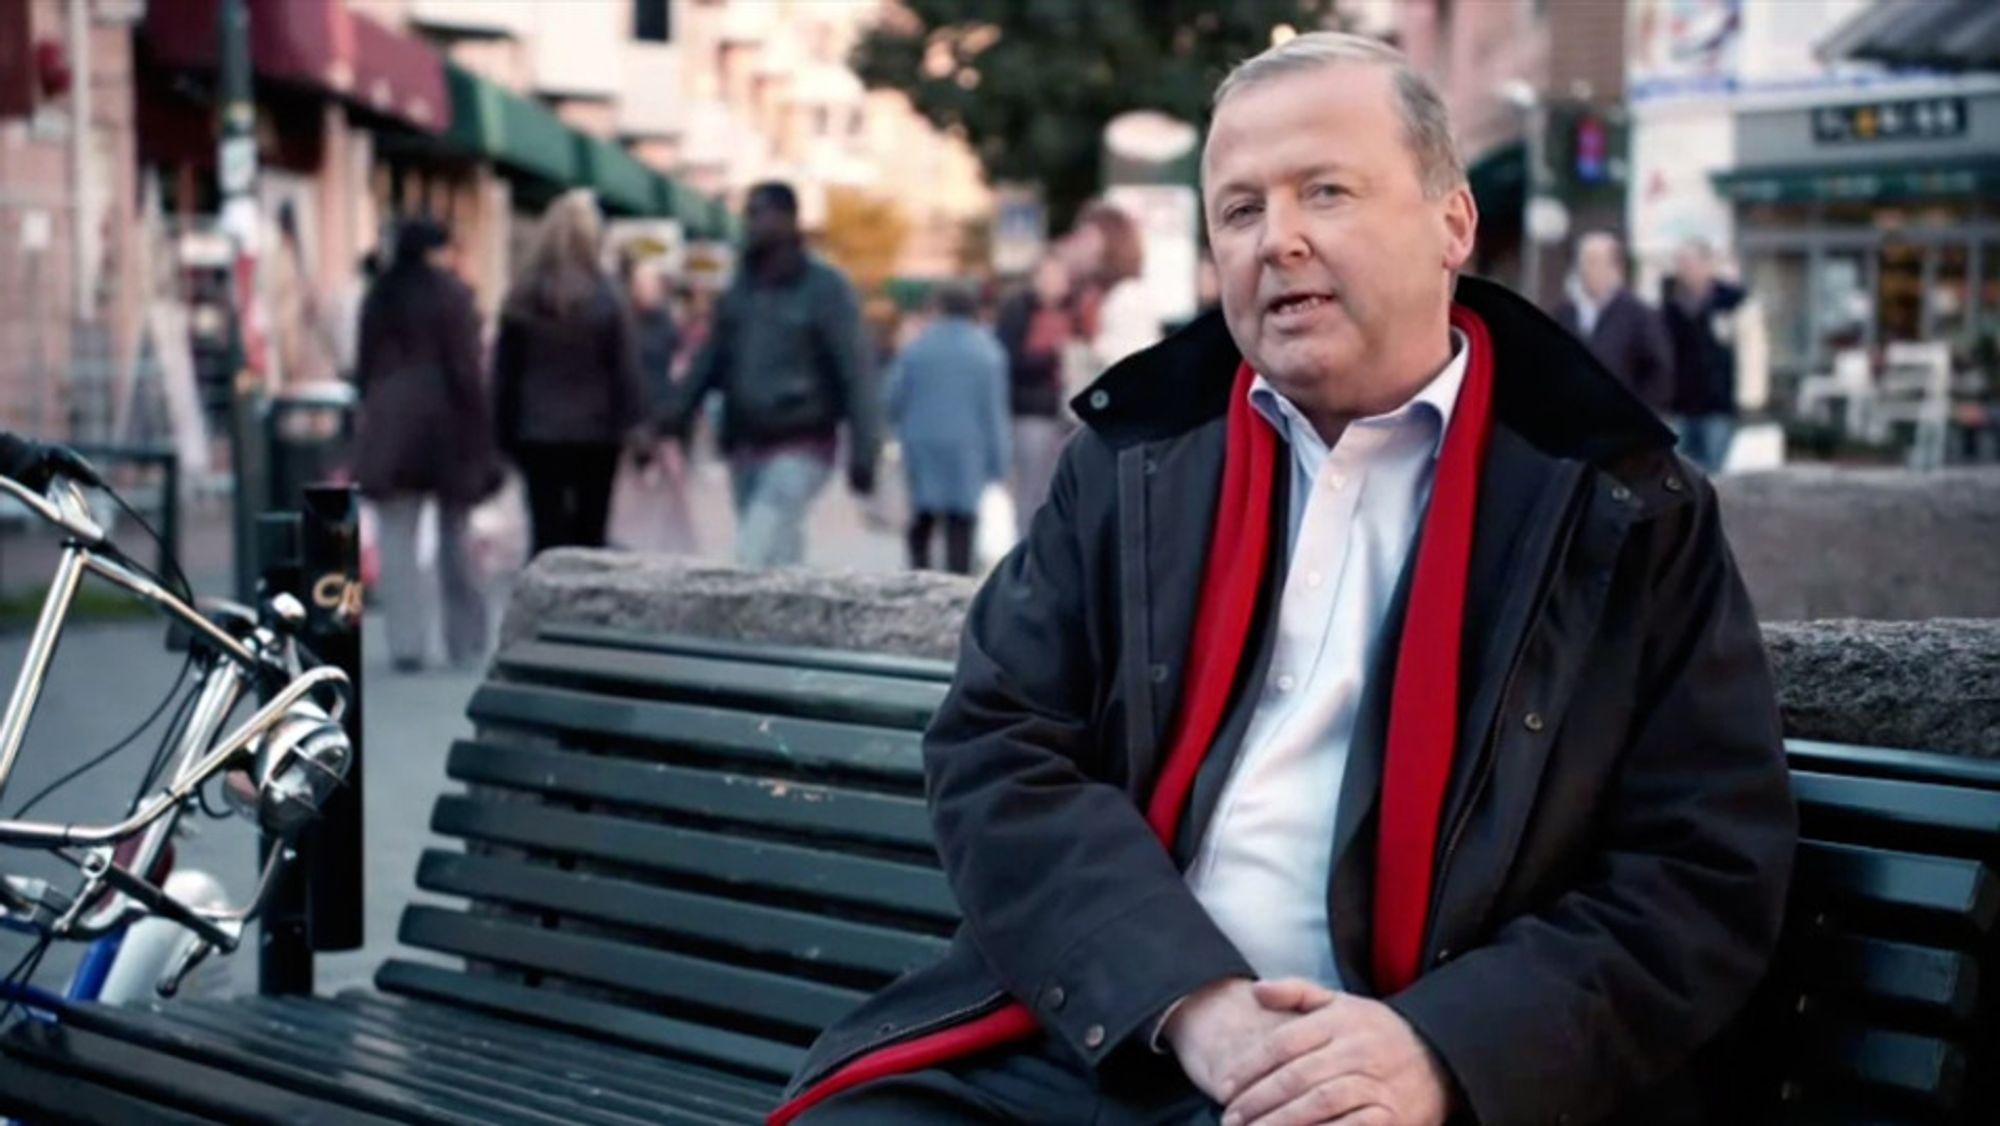 Onecall-sjef Øistein Eriksen fikk prisen for beste kundeservice for telefoni.